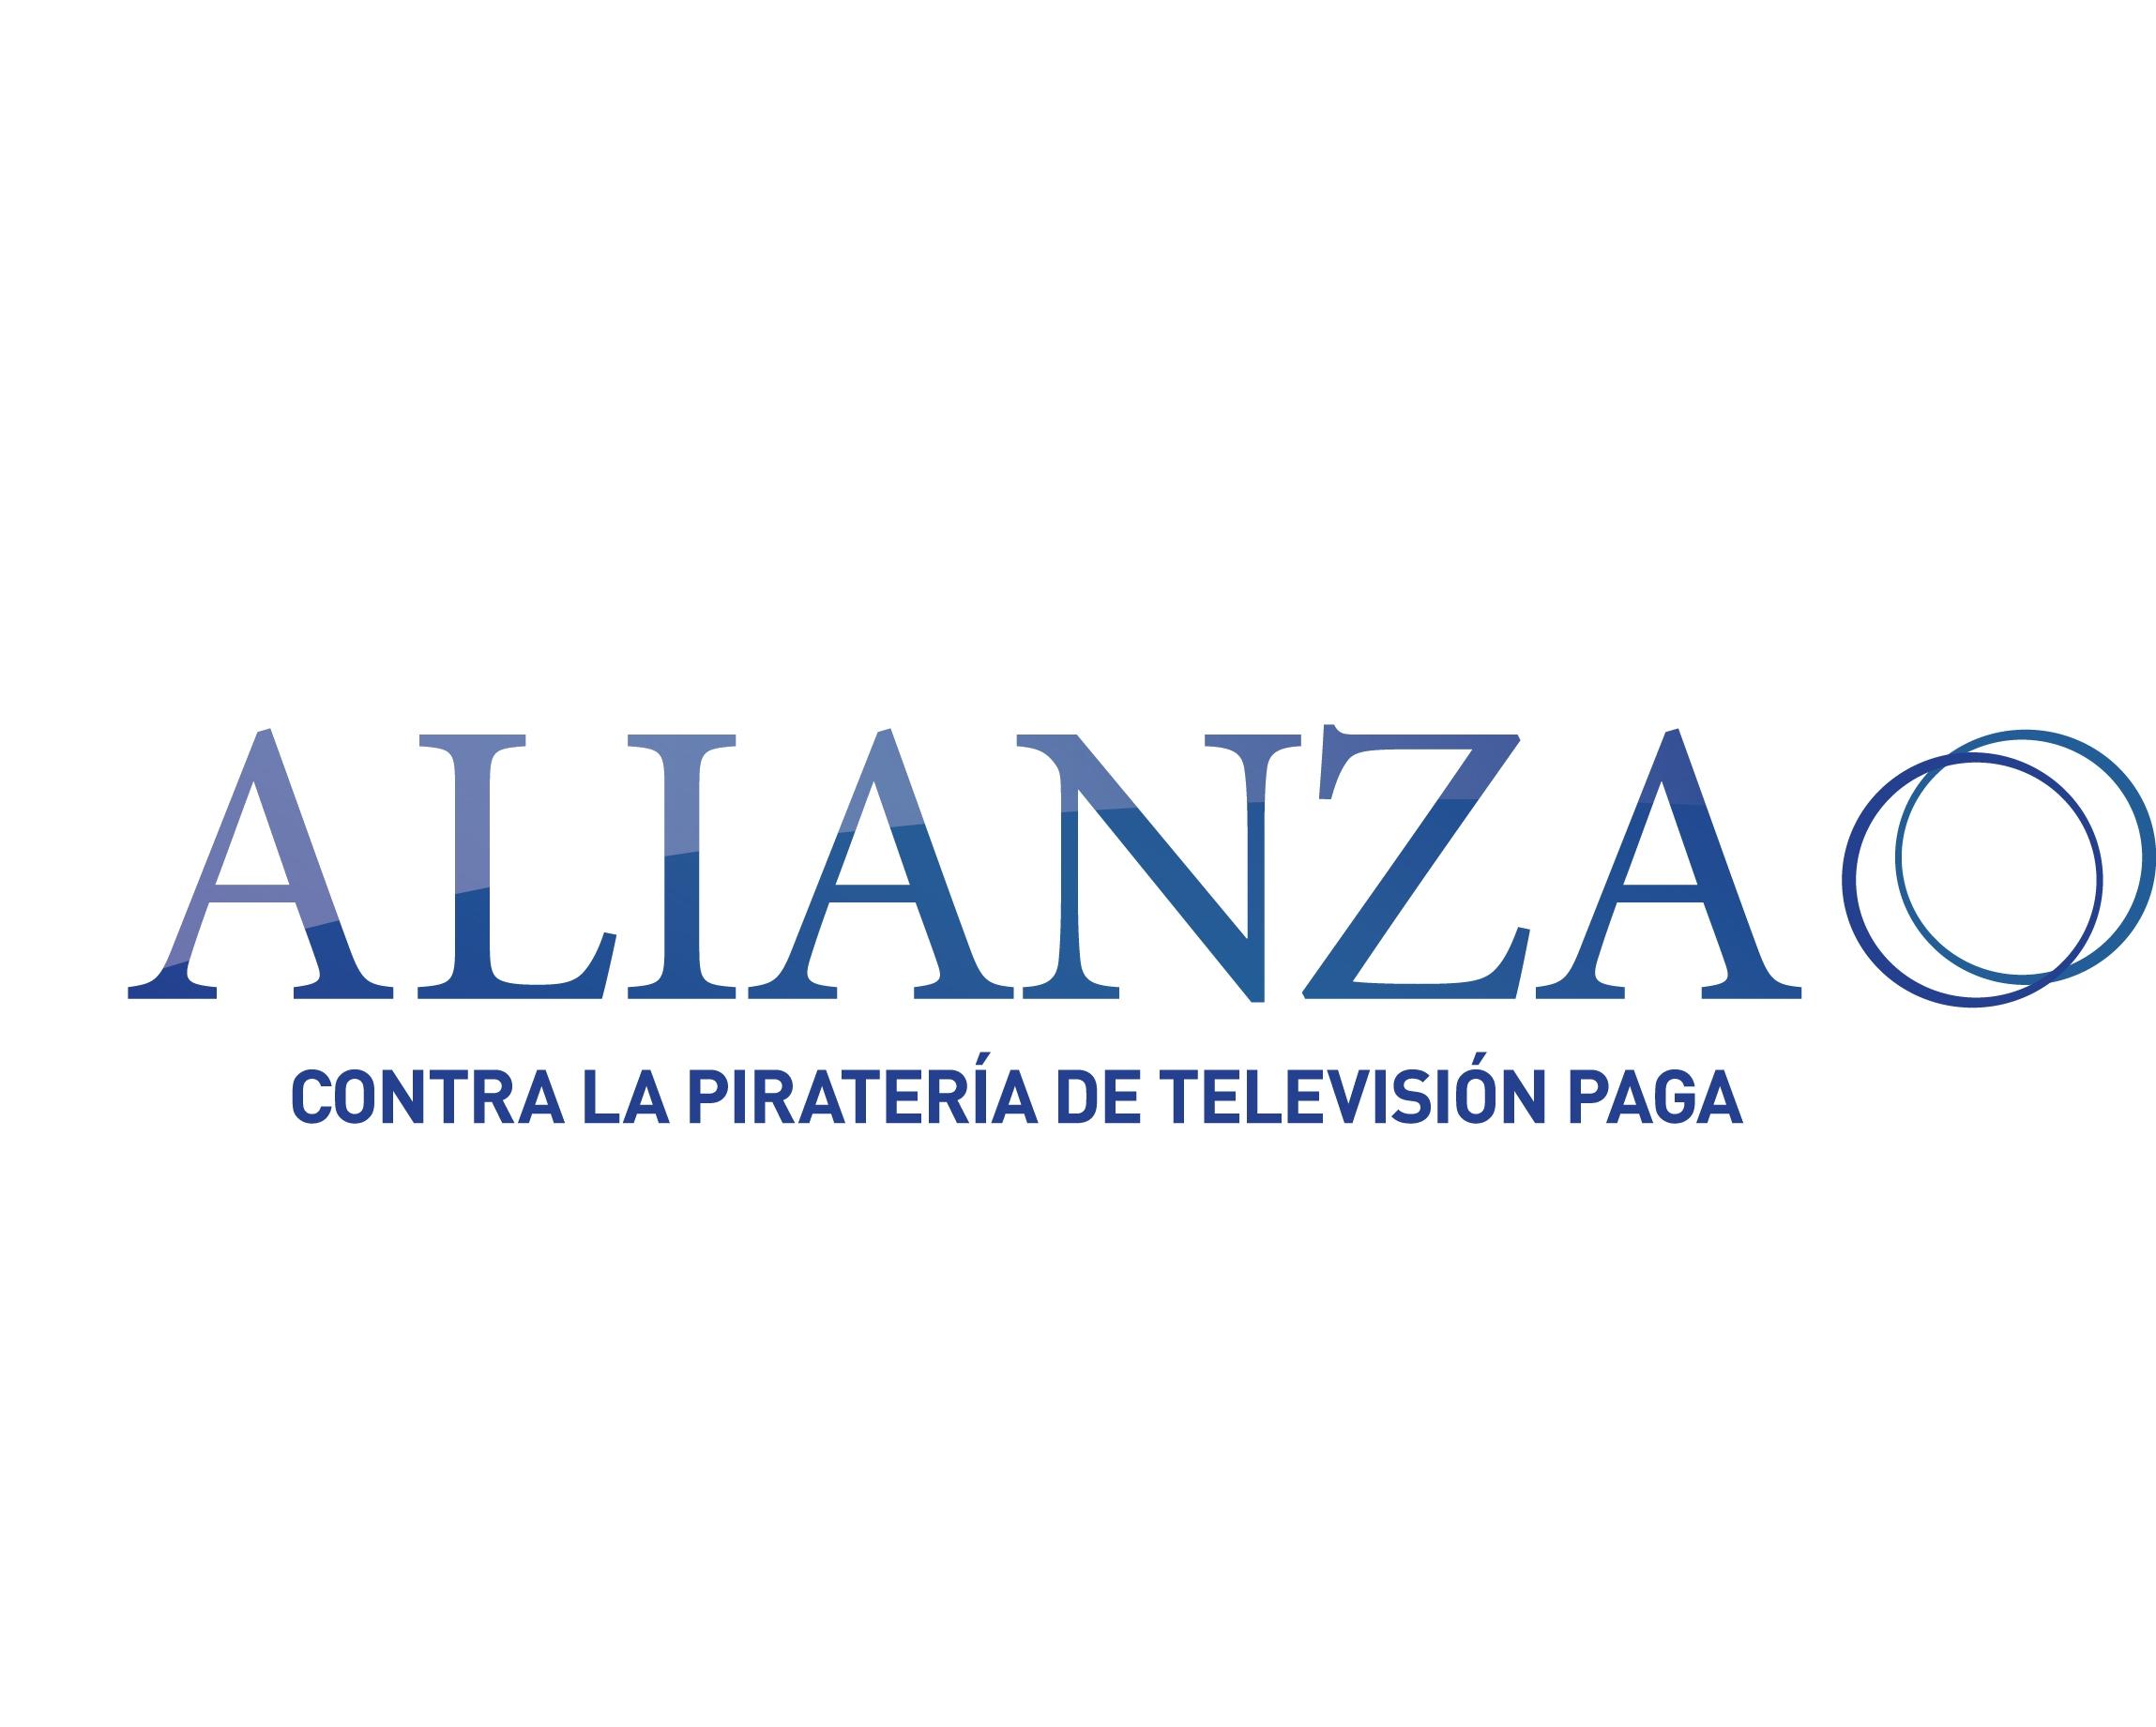 Alianza Contra la Piratería de Televisión Paga